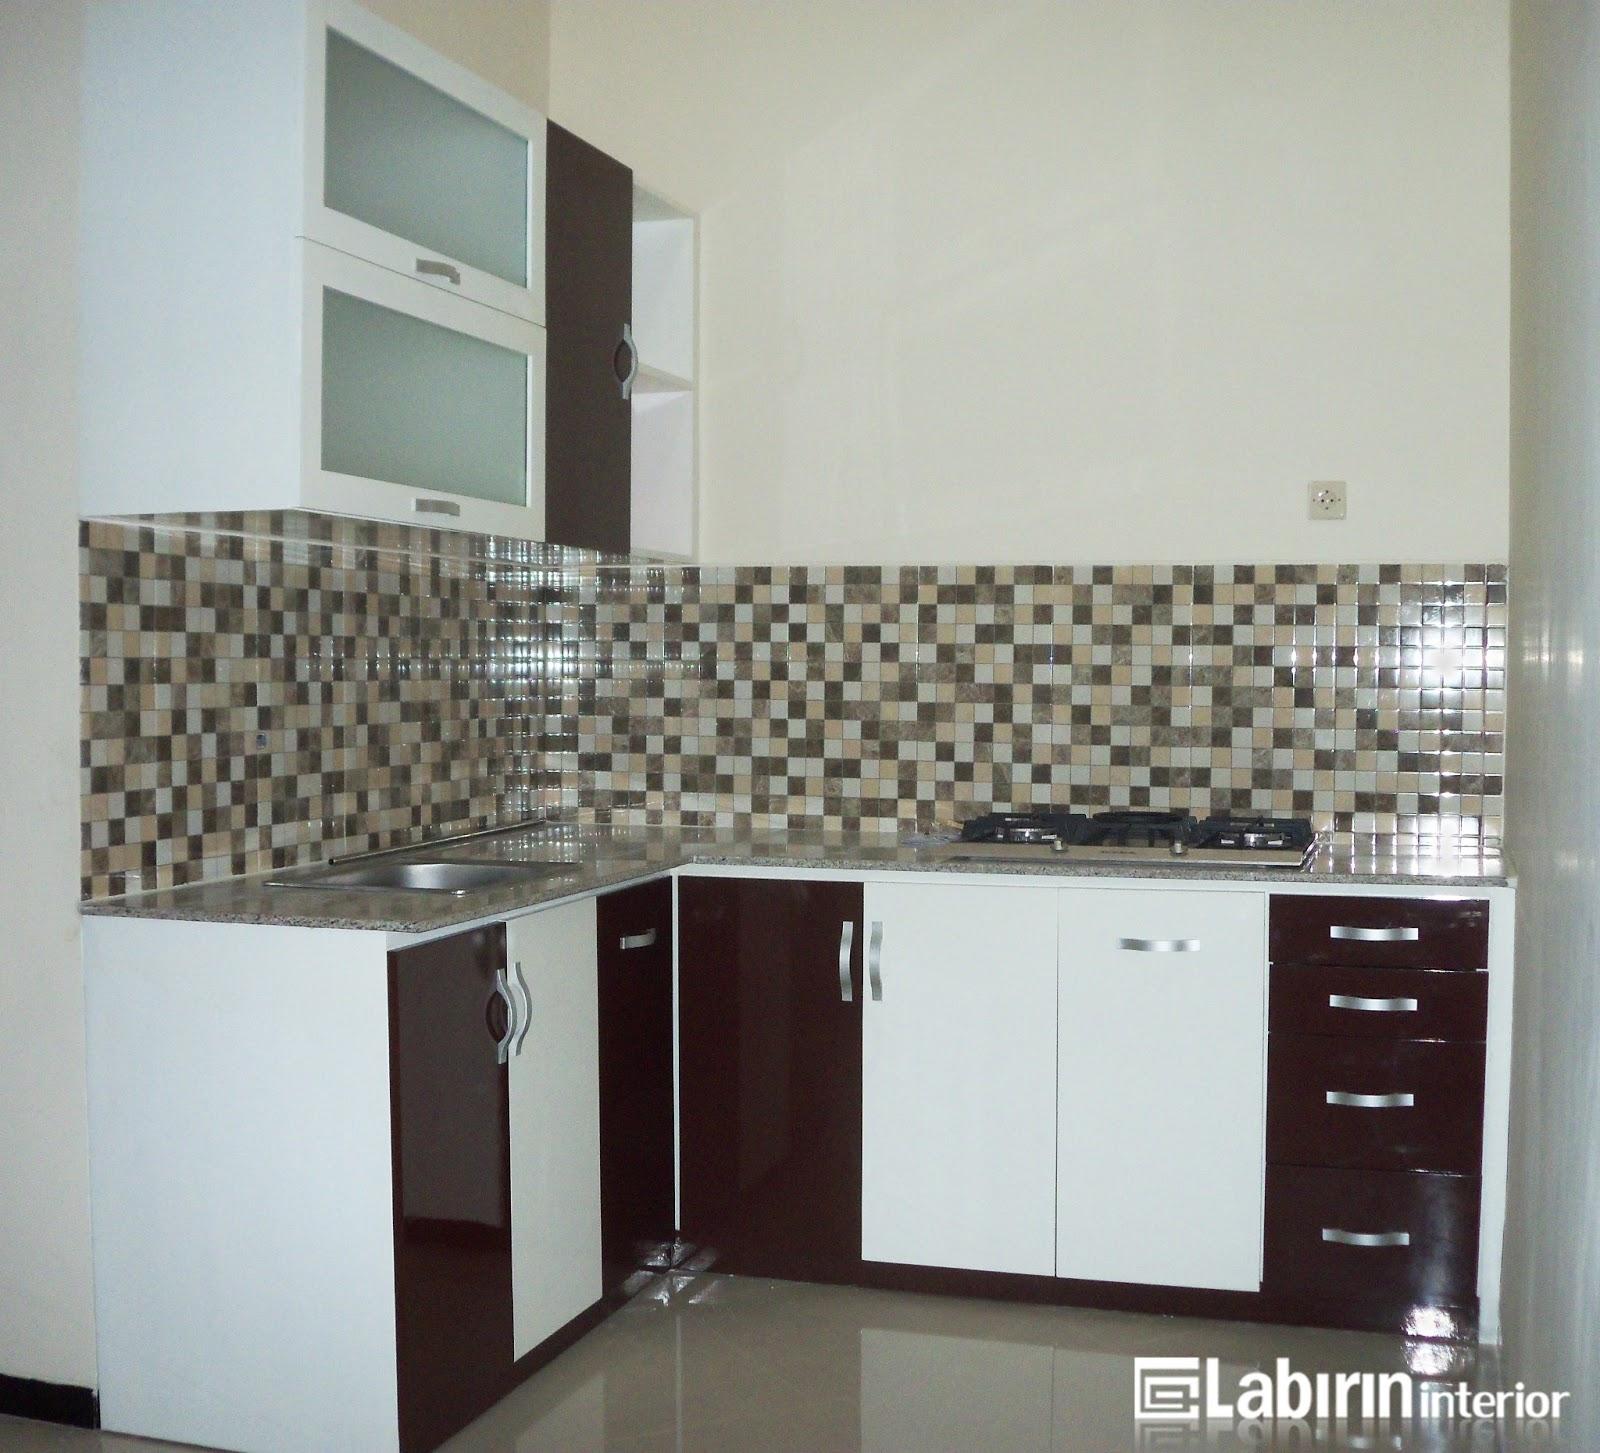 Kitchen Set Untuk Rumah Minimalis: Kitchen Set Minimalis Mungil Harga Miring